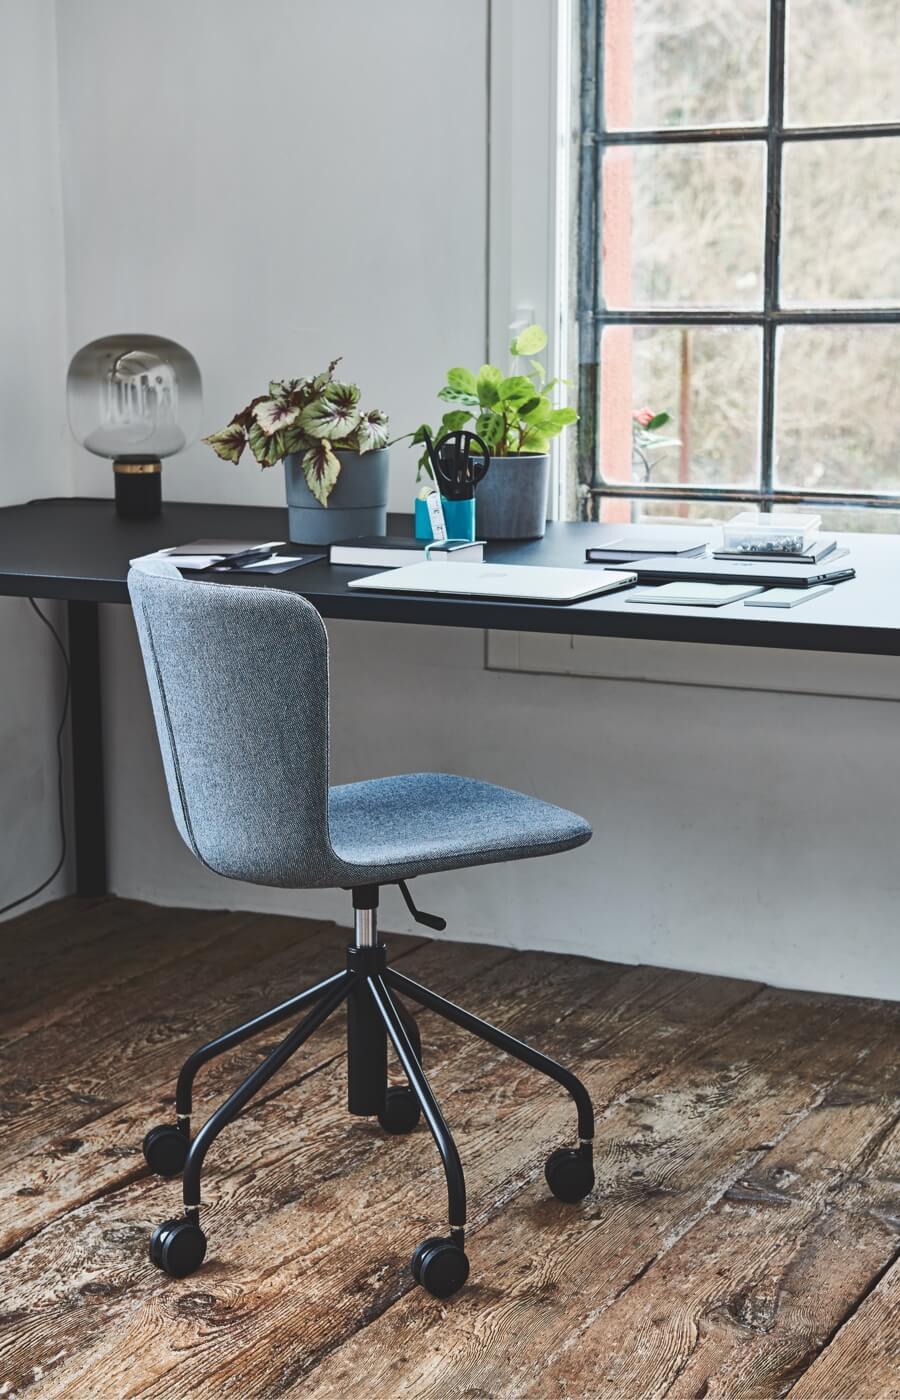 Sedia girevole Calla su ruote e regolabile in altezza. Designer Fabrizio Batoni.